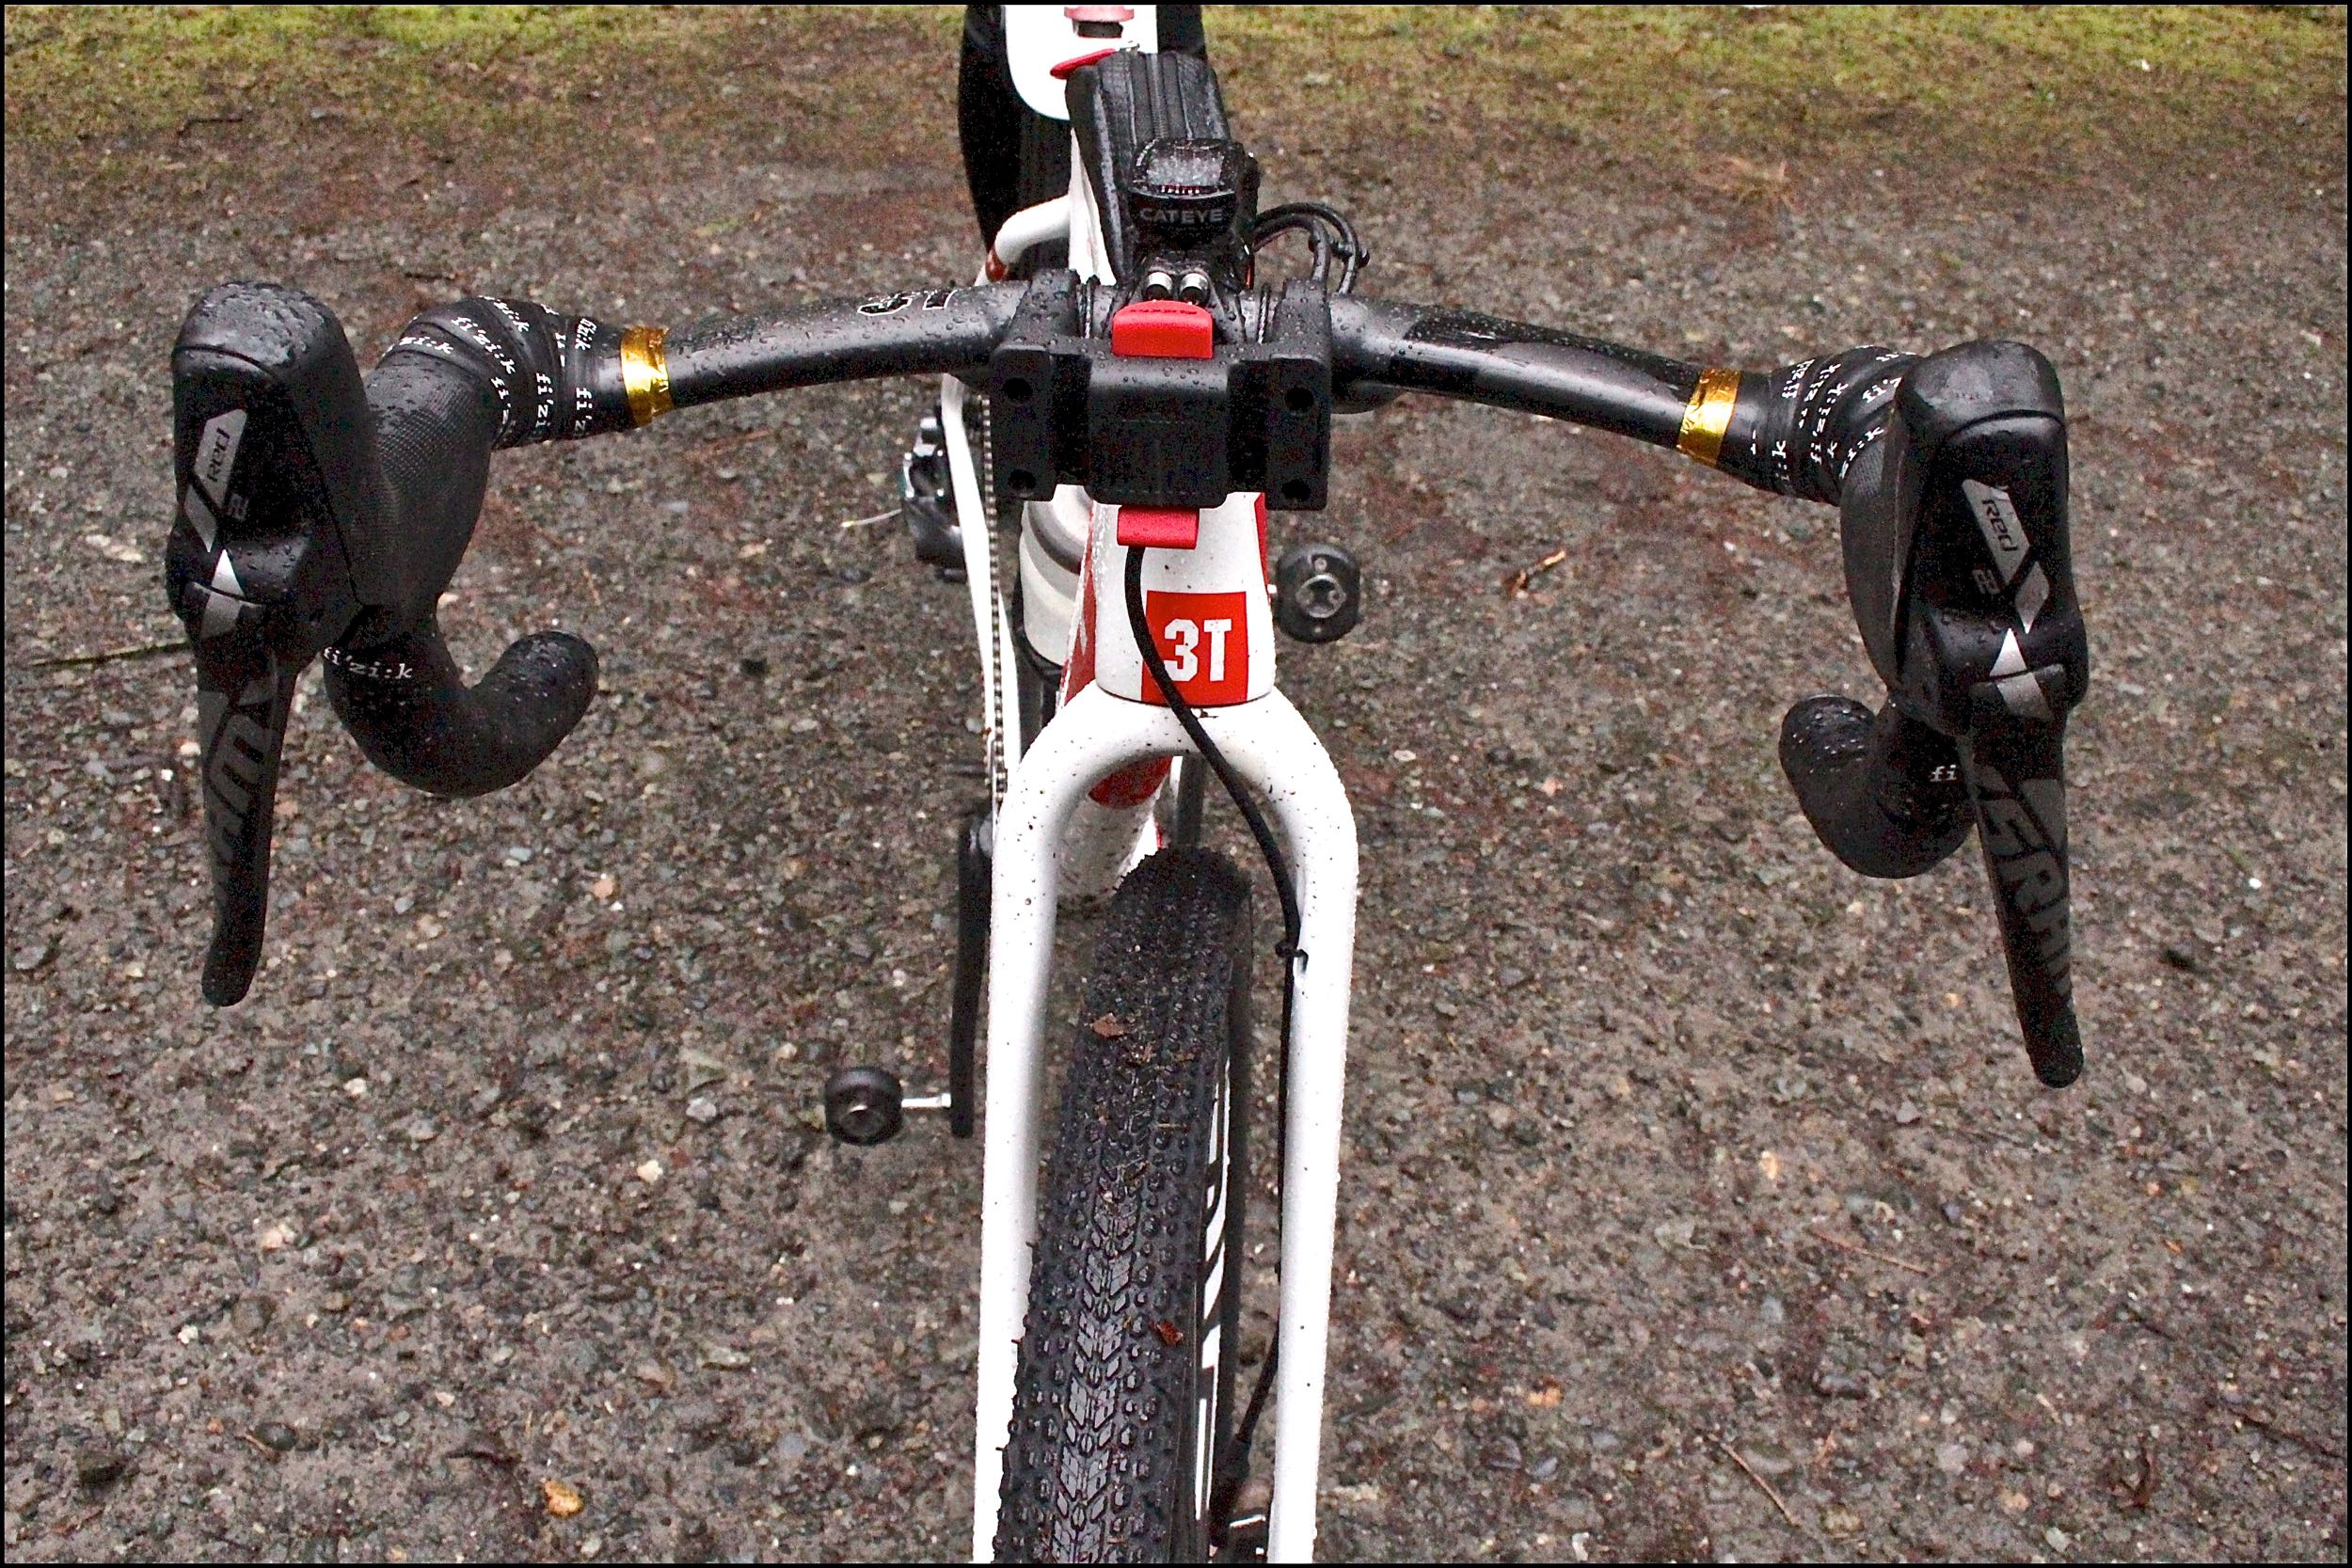 Mark V Reviews 3t Aeronova Team Stealth Handlebar Bike